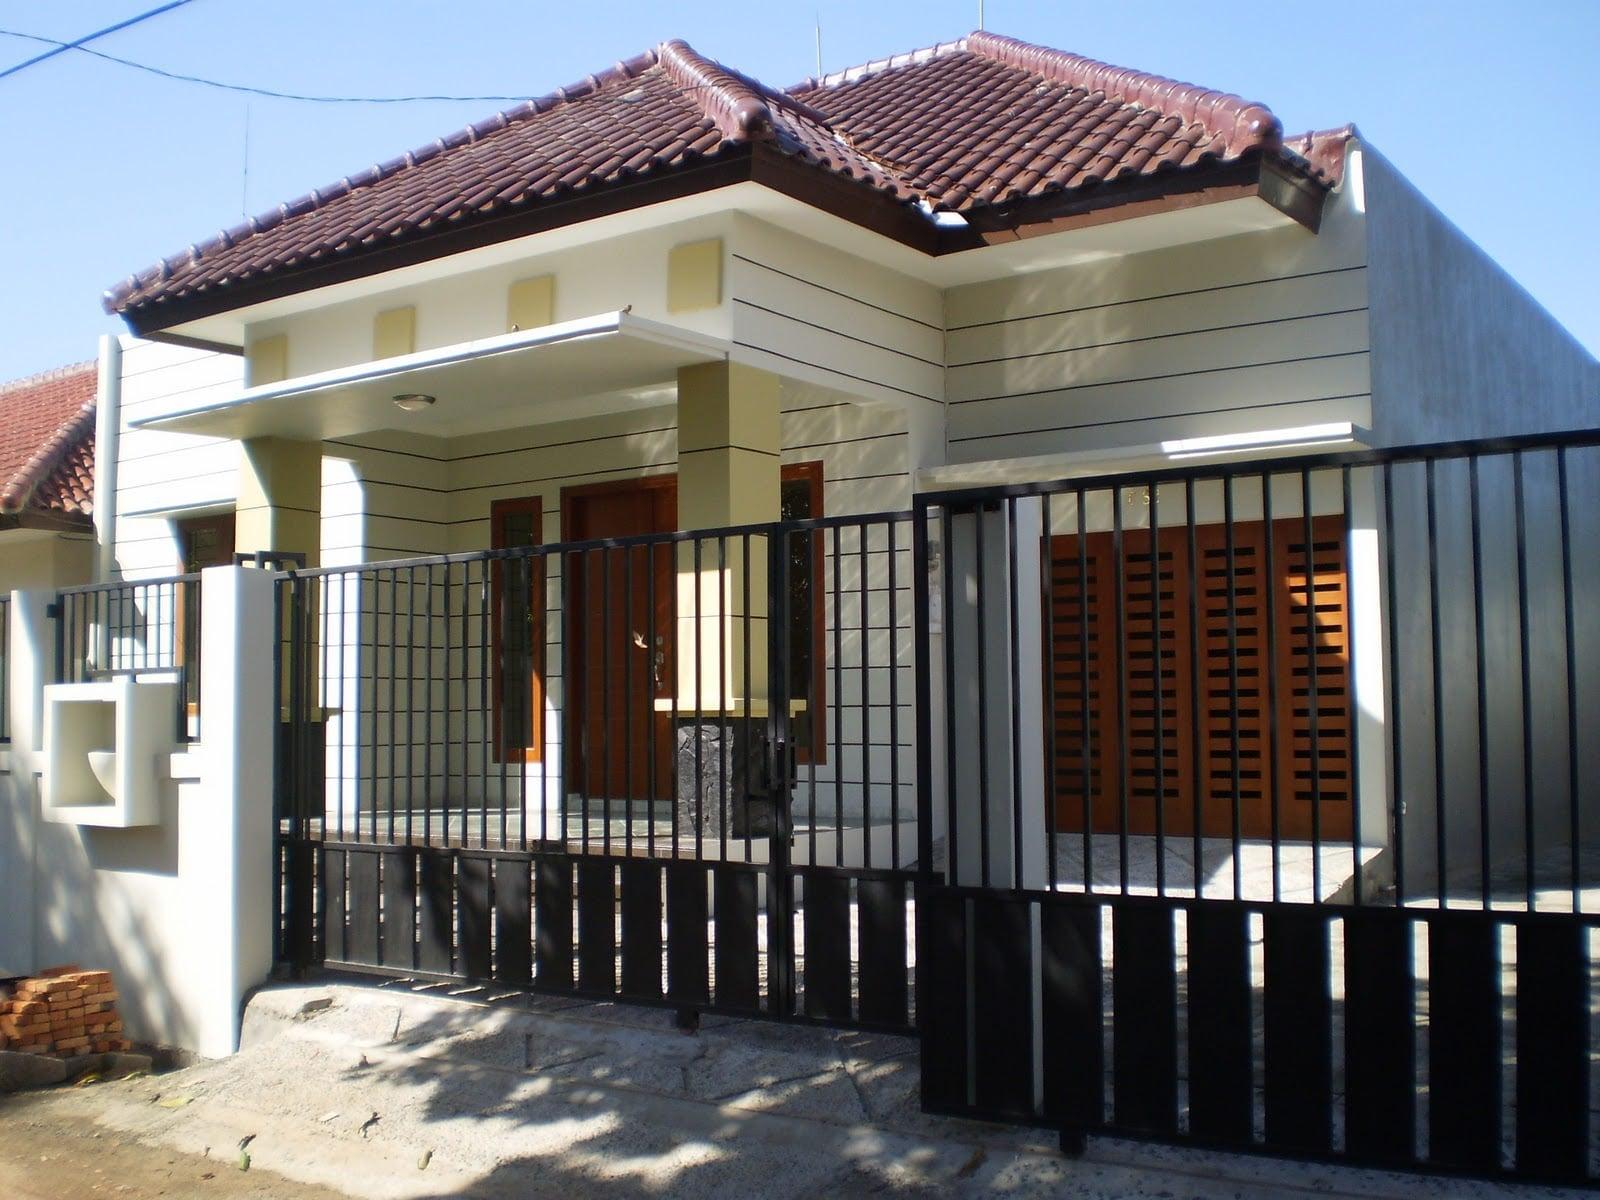 Fantastis 21 Gambar Rumah Joglo Terbaru 57 Di Ide Desain Interior Untuk Desain Rumah dengan 21 Gambar Rumah Joglo Terbaru